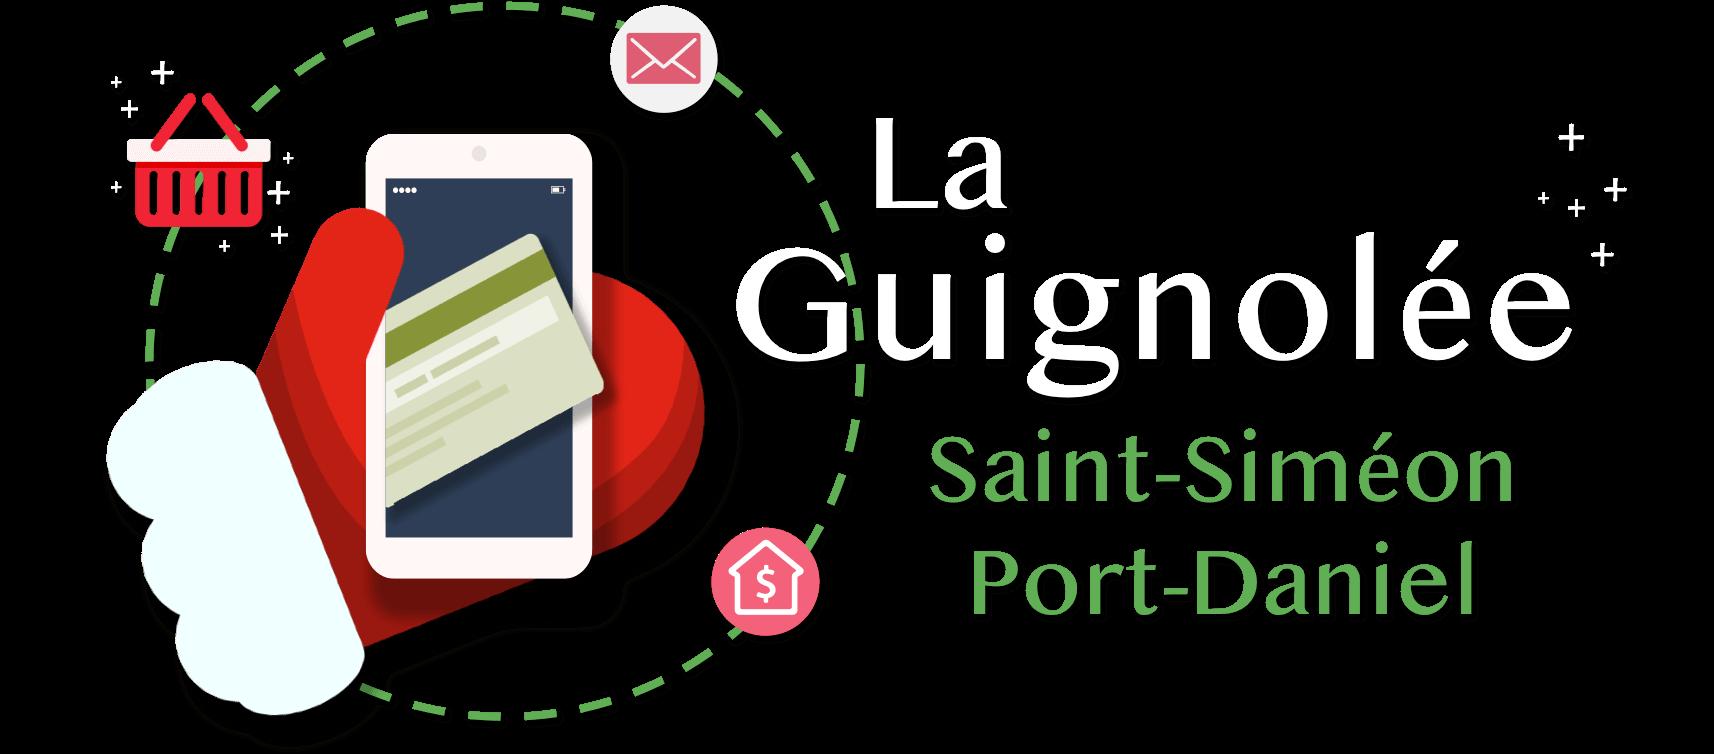 La Guignolée Saint-Siméon – Port-Daniel